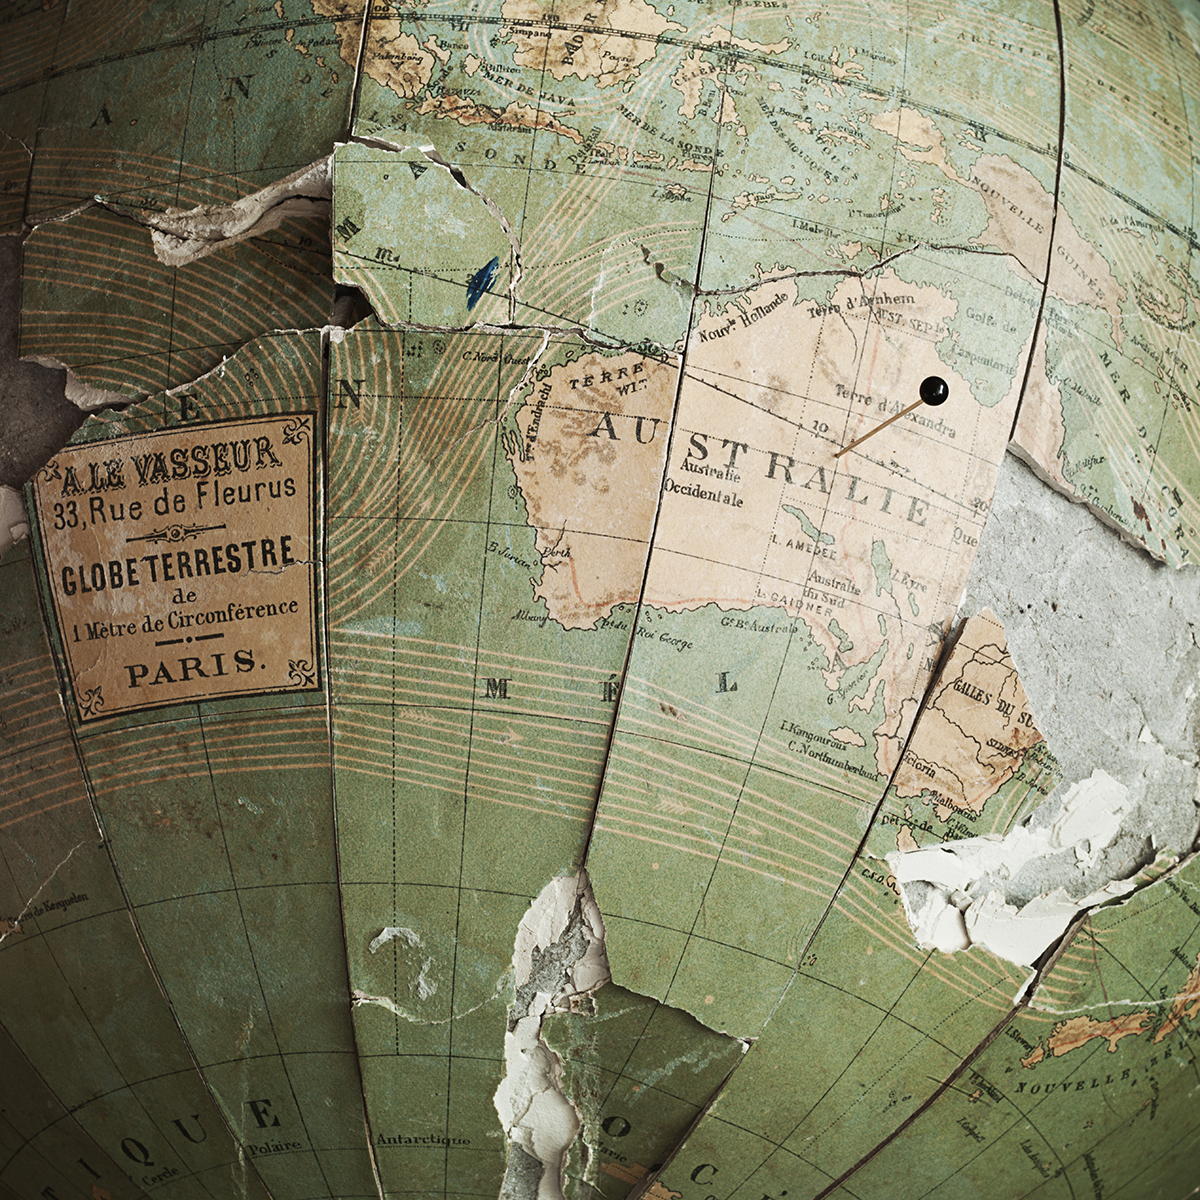 australie web.jpg